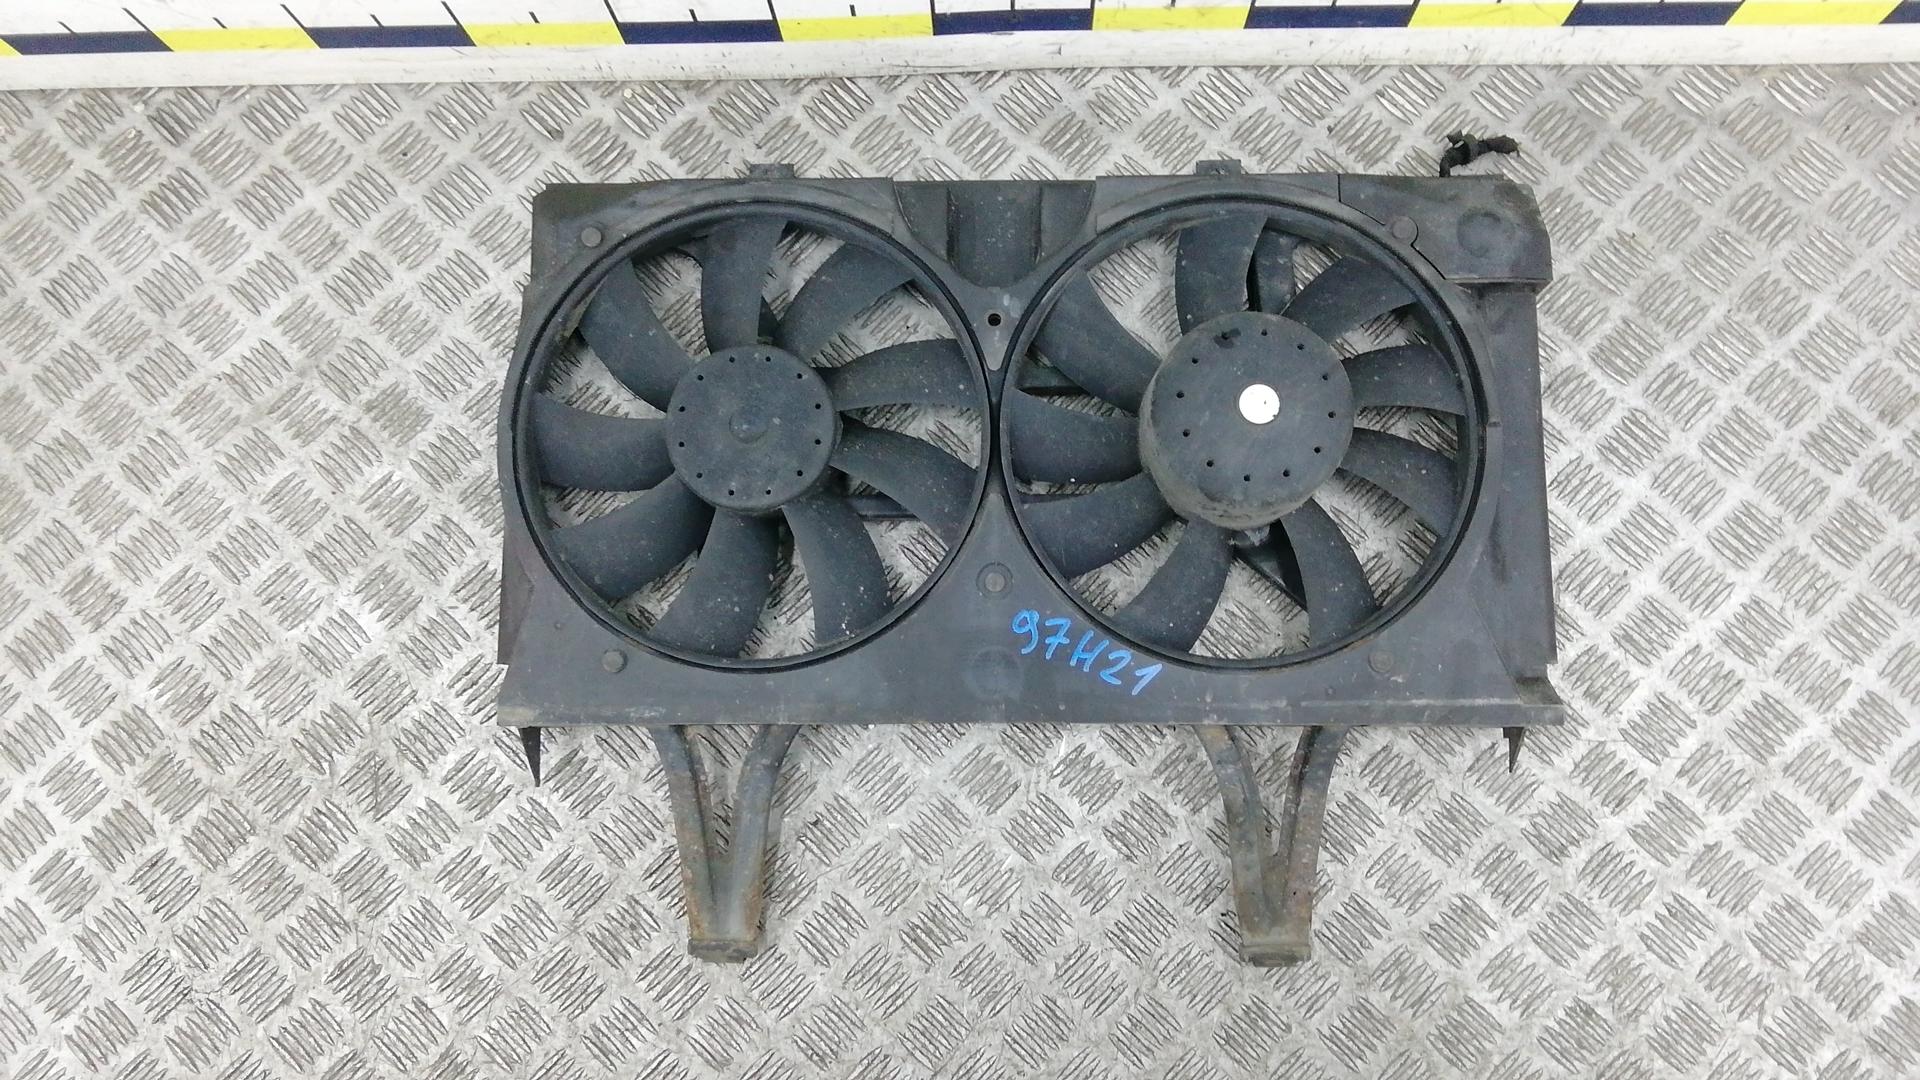 Вентилятор радиатора, MERCEDES BENZ, E-CLASS W210, 1999